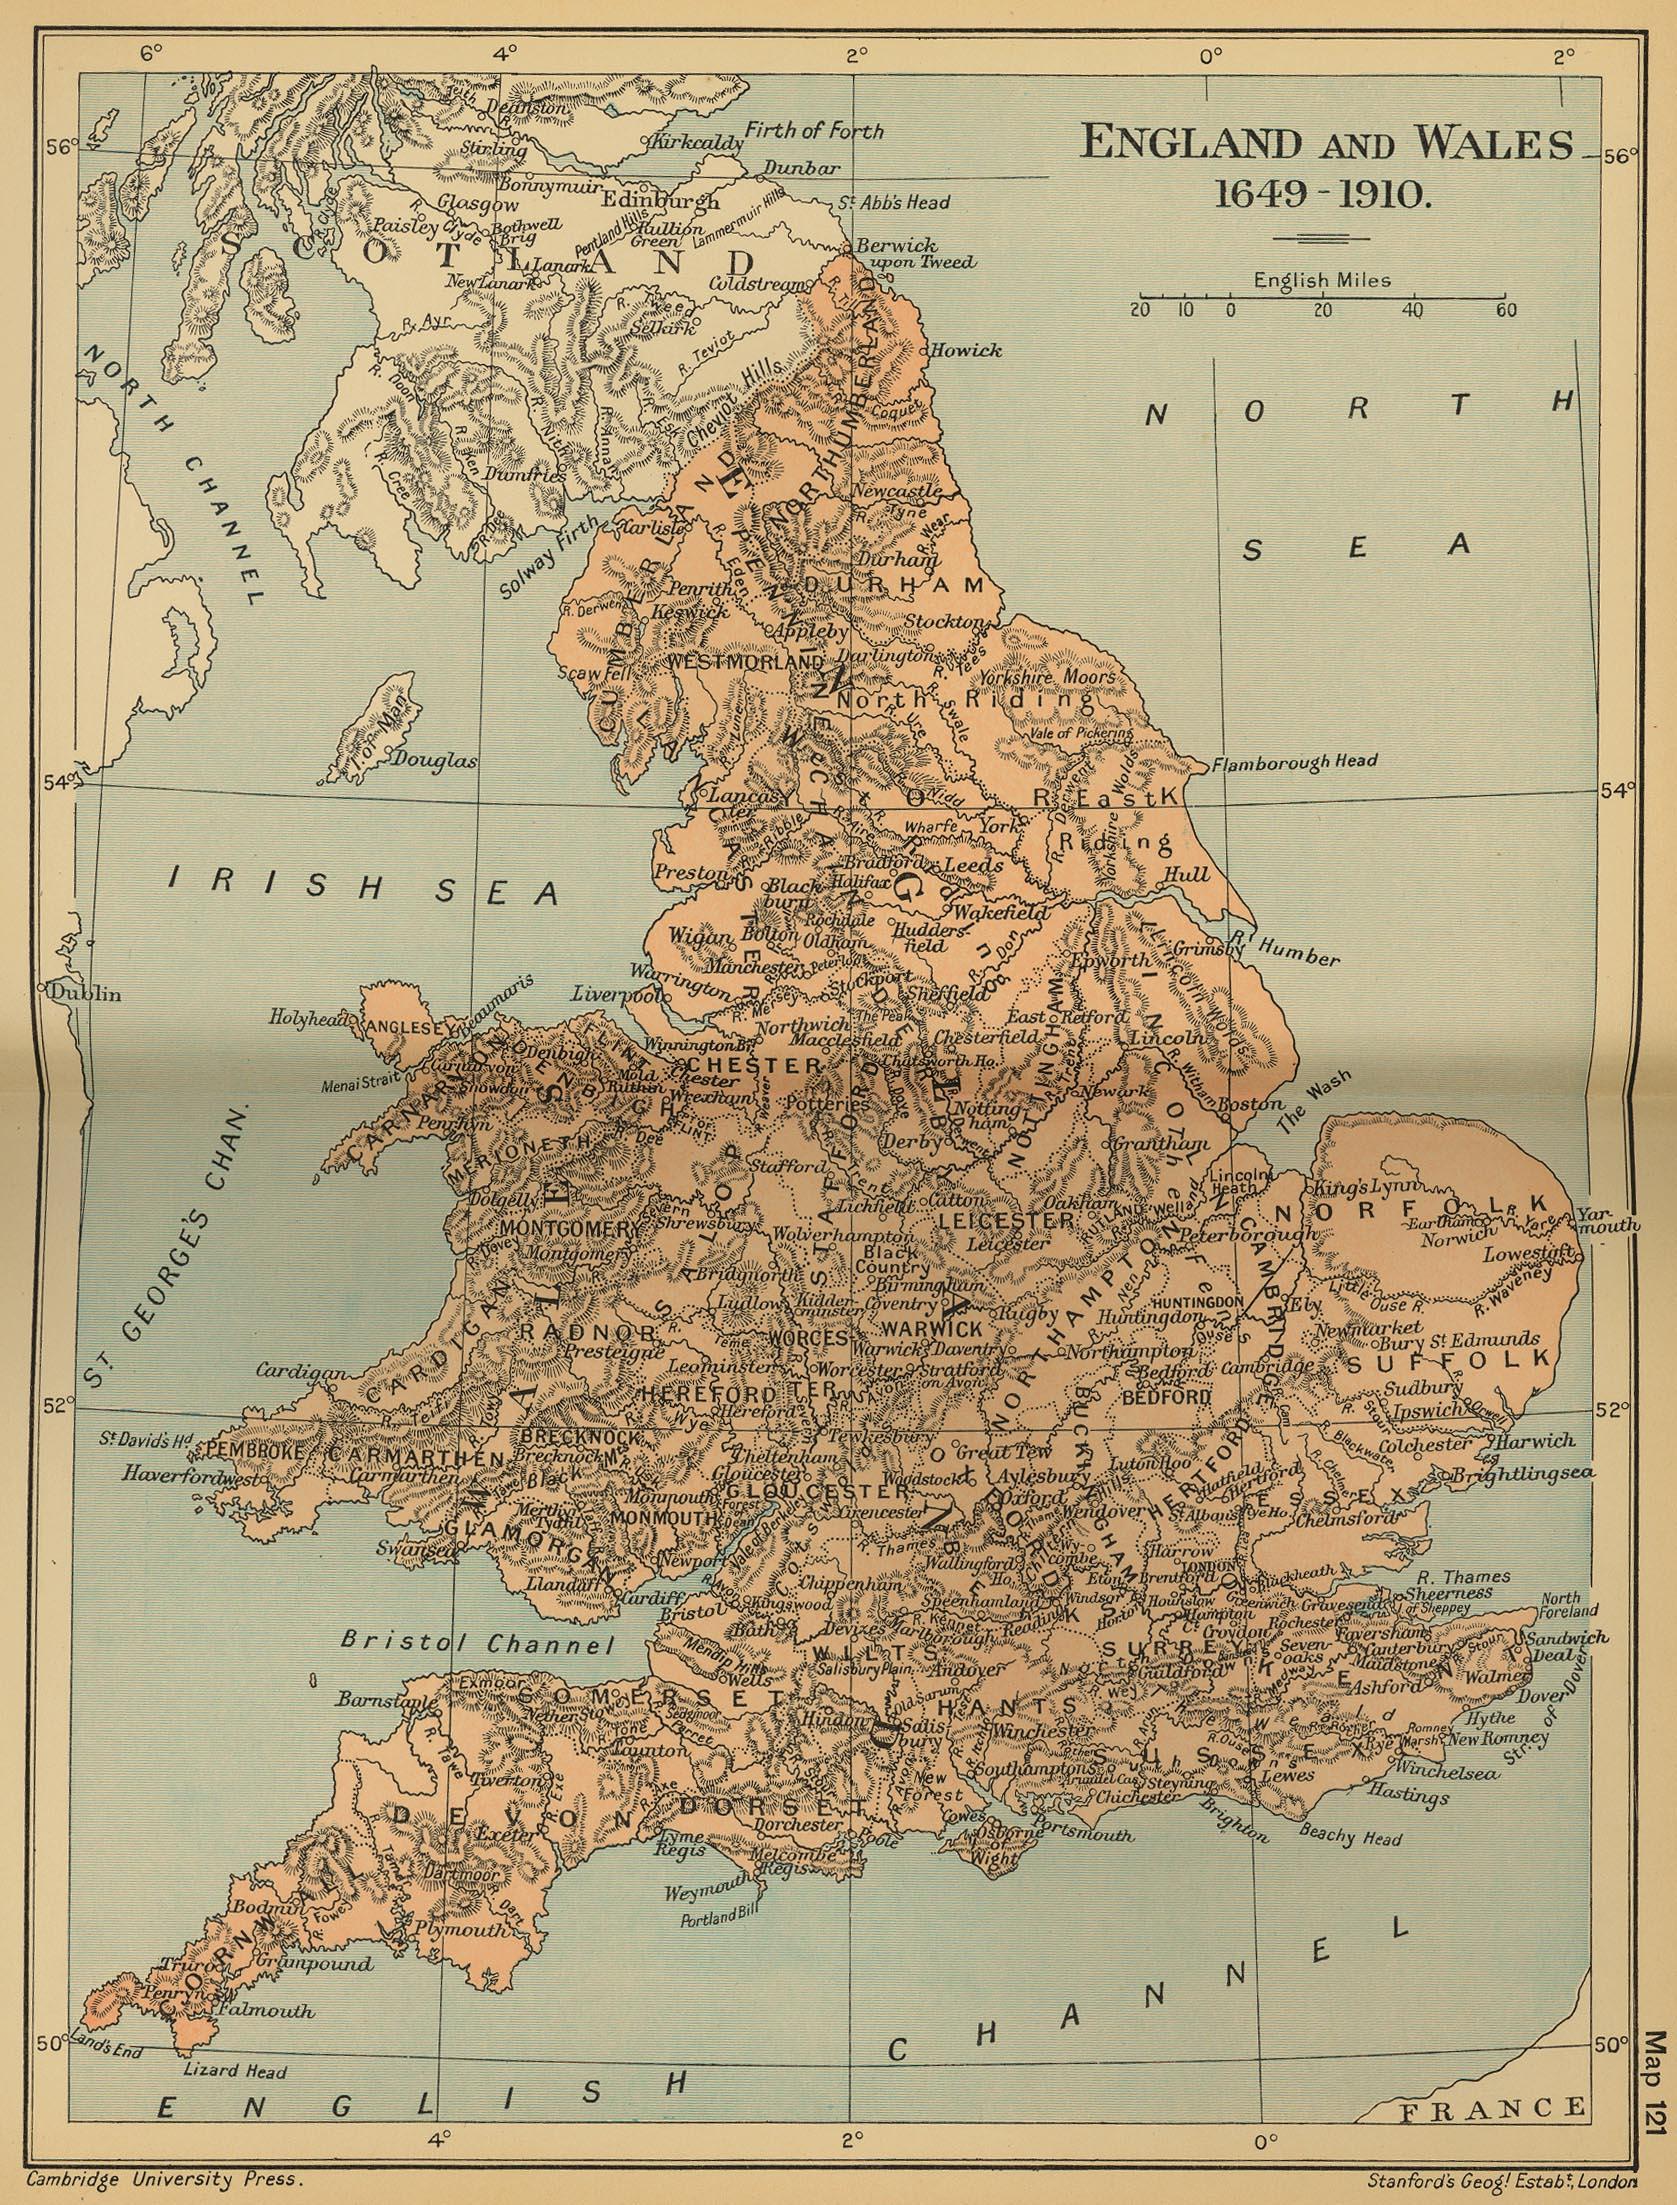 Mapa de Inglaterra y del País de Gales 1649  - 1910